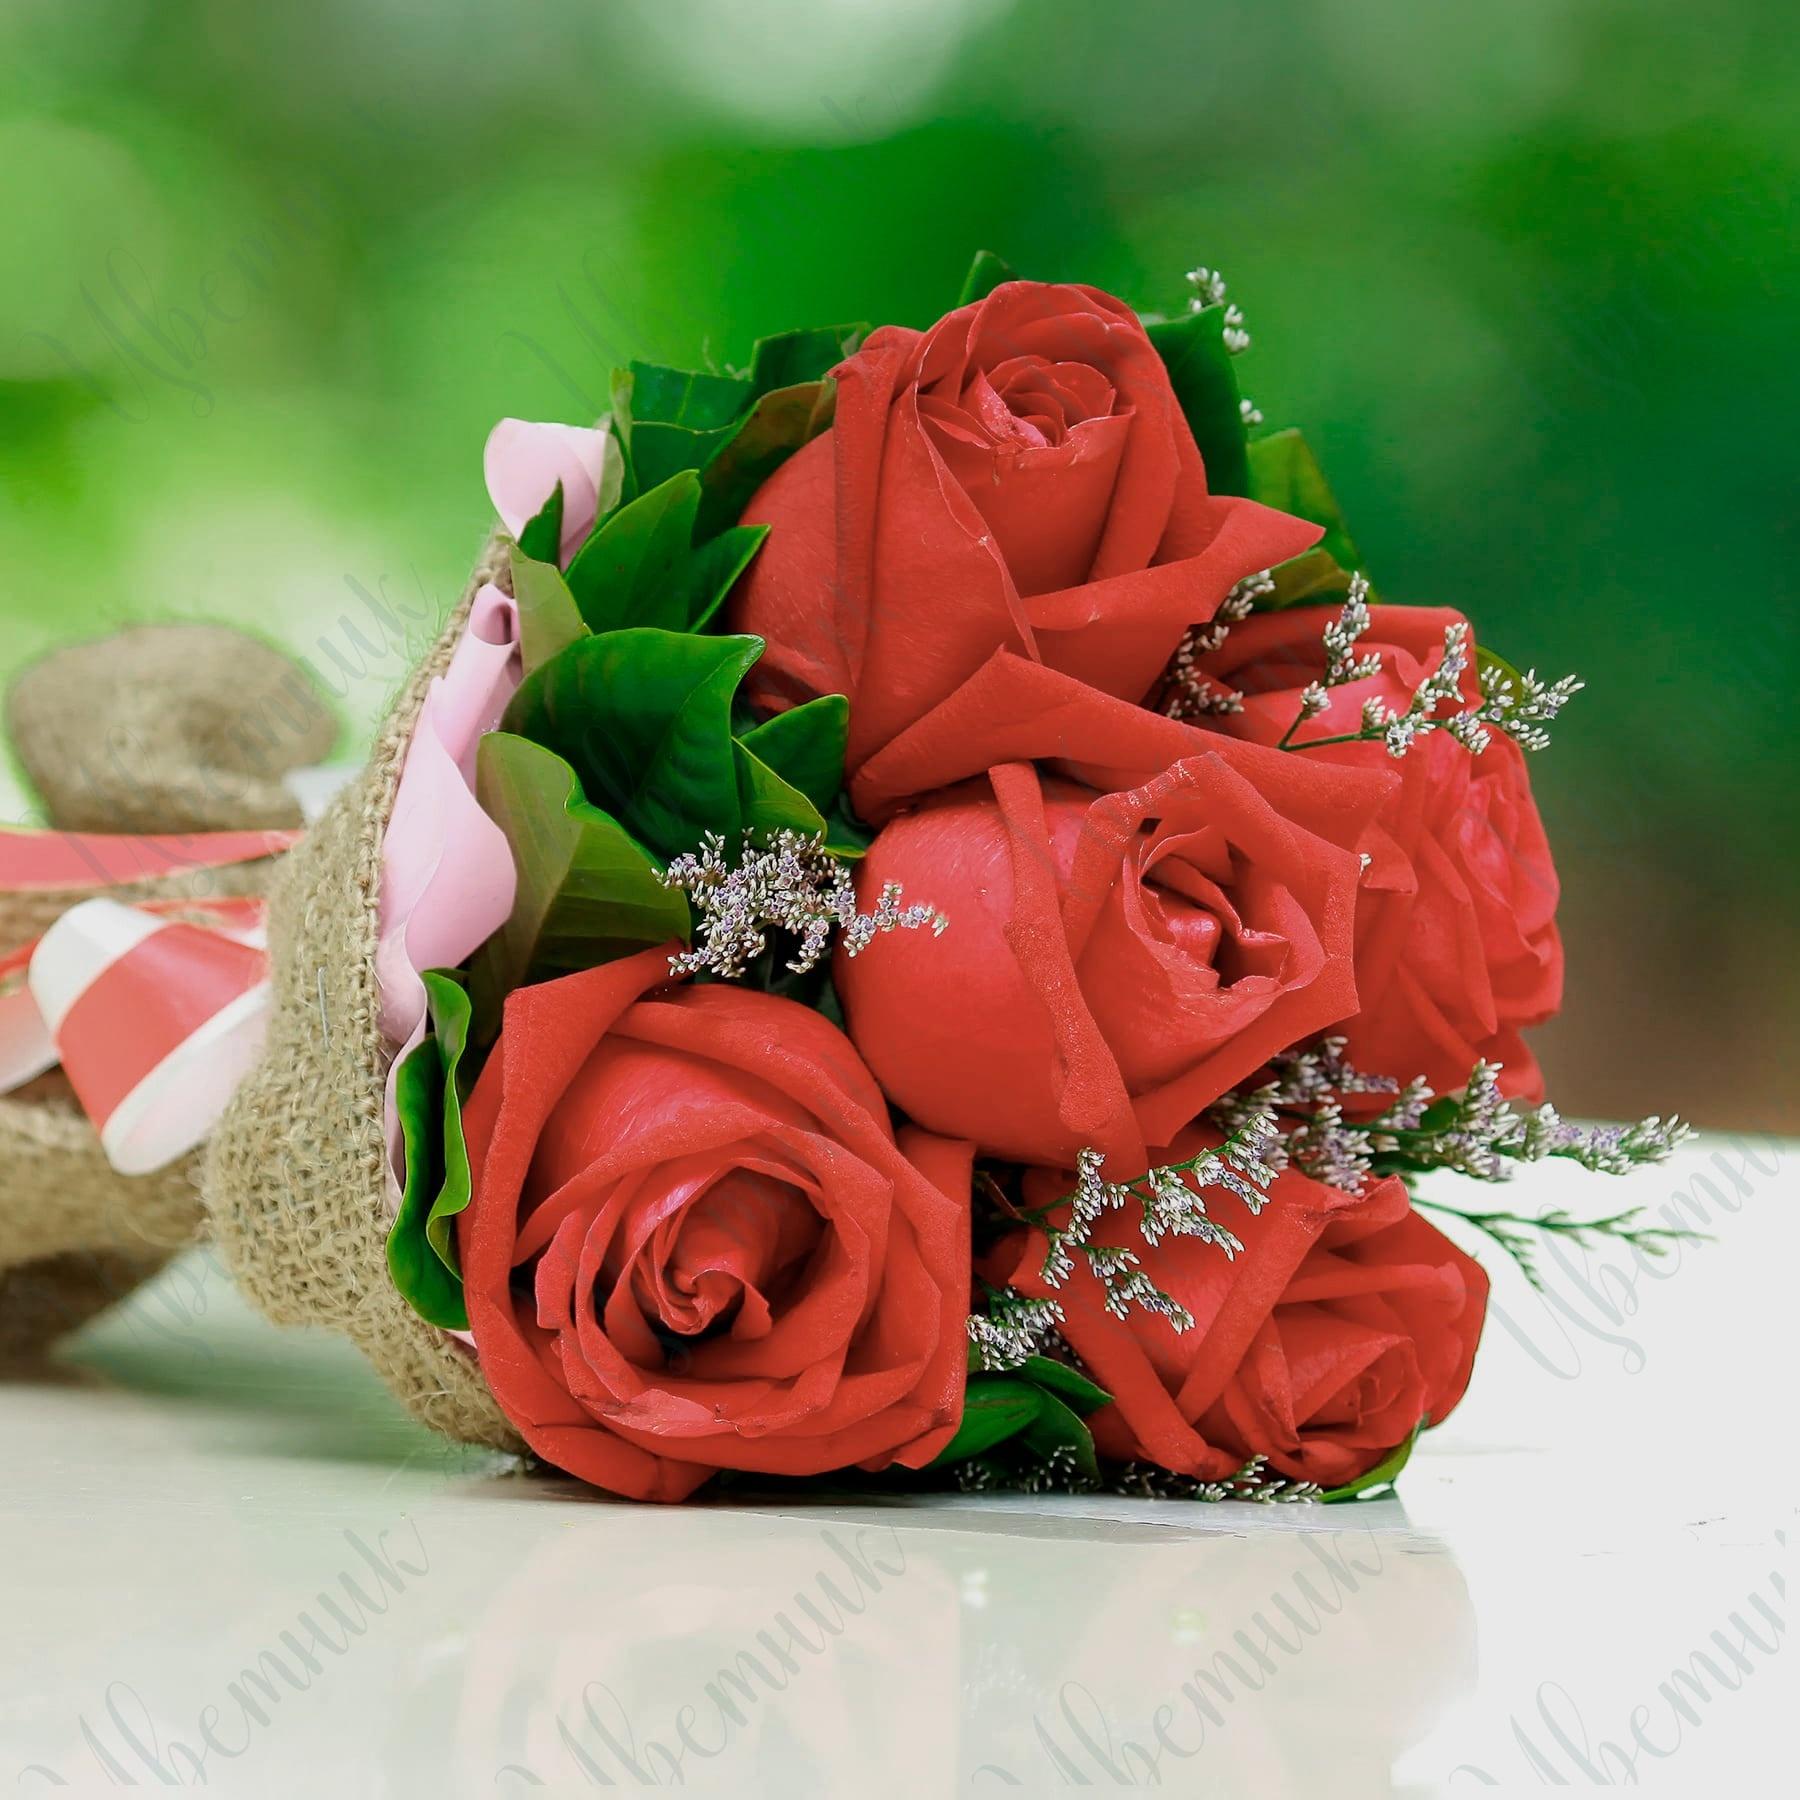 Букет из 5 роз в тканевой упаковке